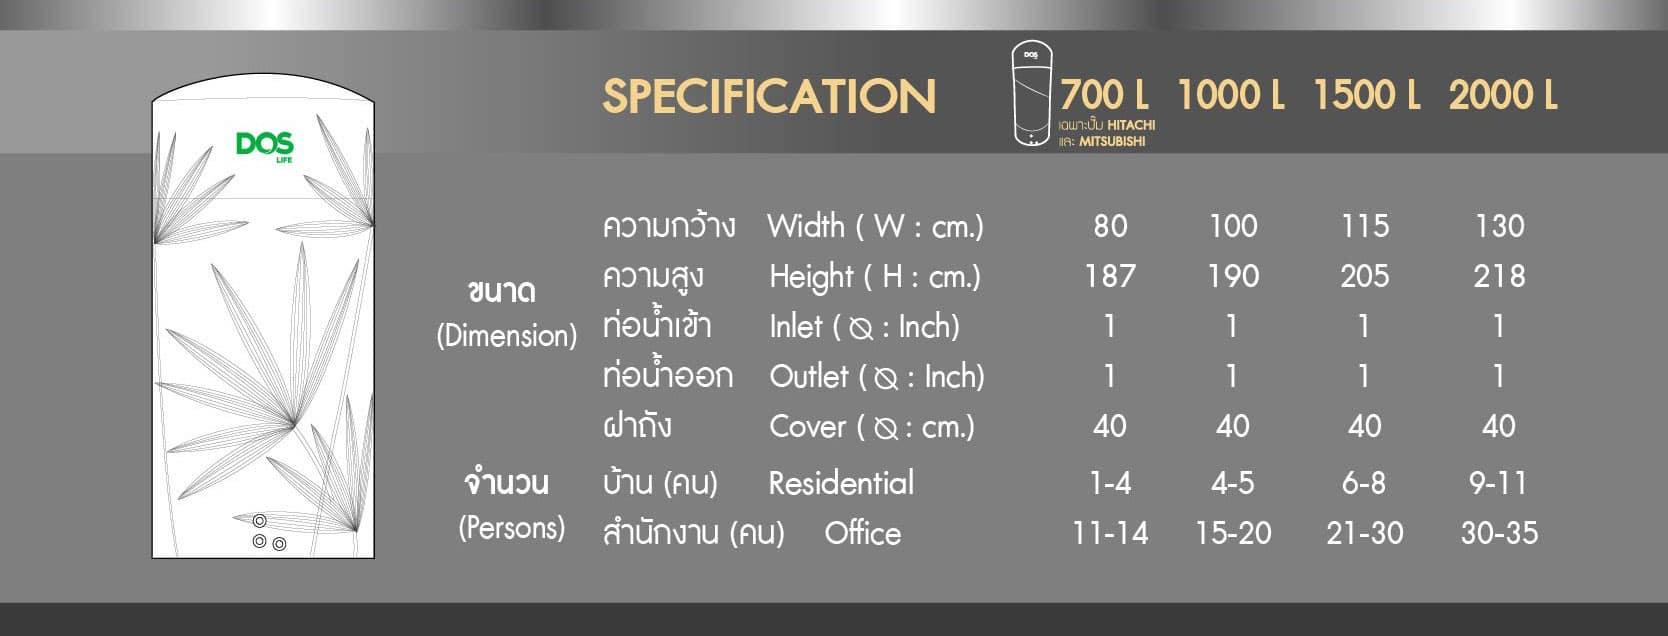 ขนาด ถังเก็บน้ำ DOS NATURA ขนาด 1500 ลิตร + ปั๊มน้ำ Hitachi WMP 150XX